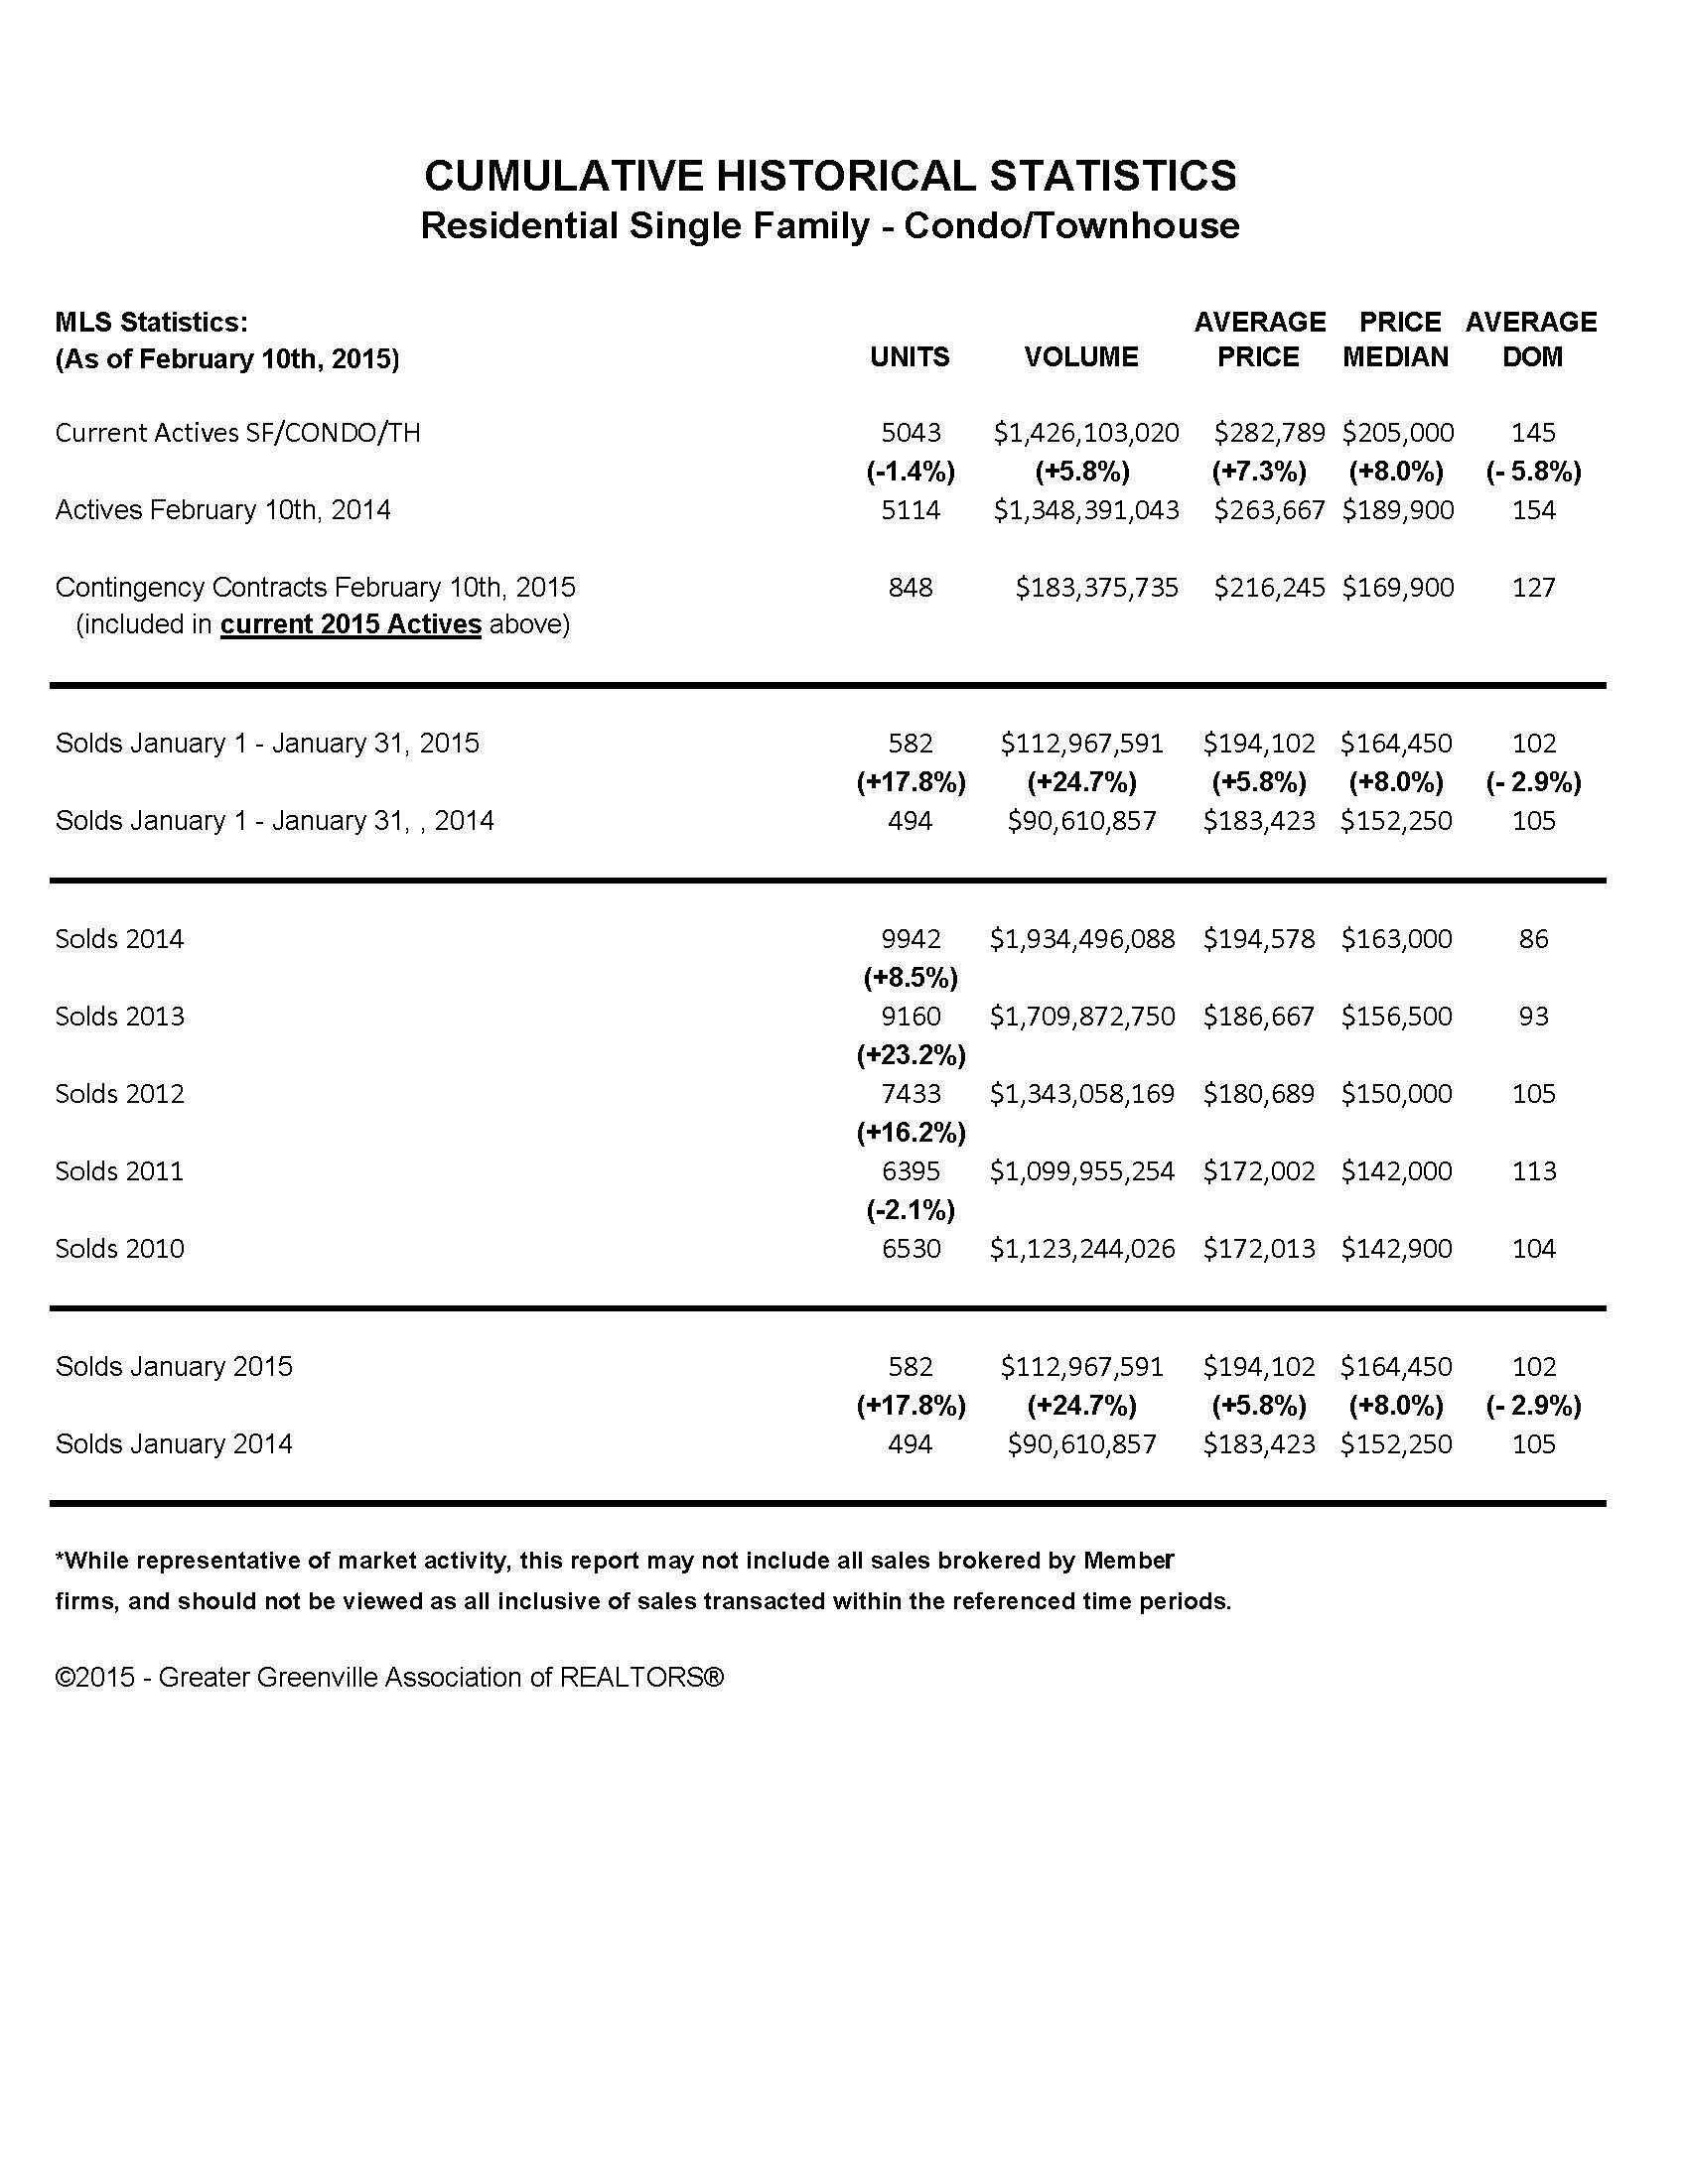 Greenville SC MLS Sold Statistics 2-10-15